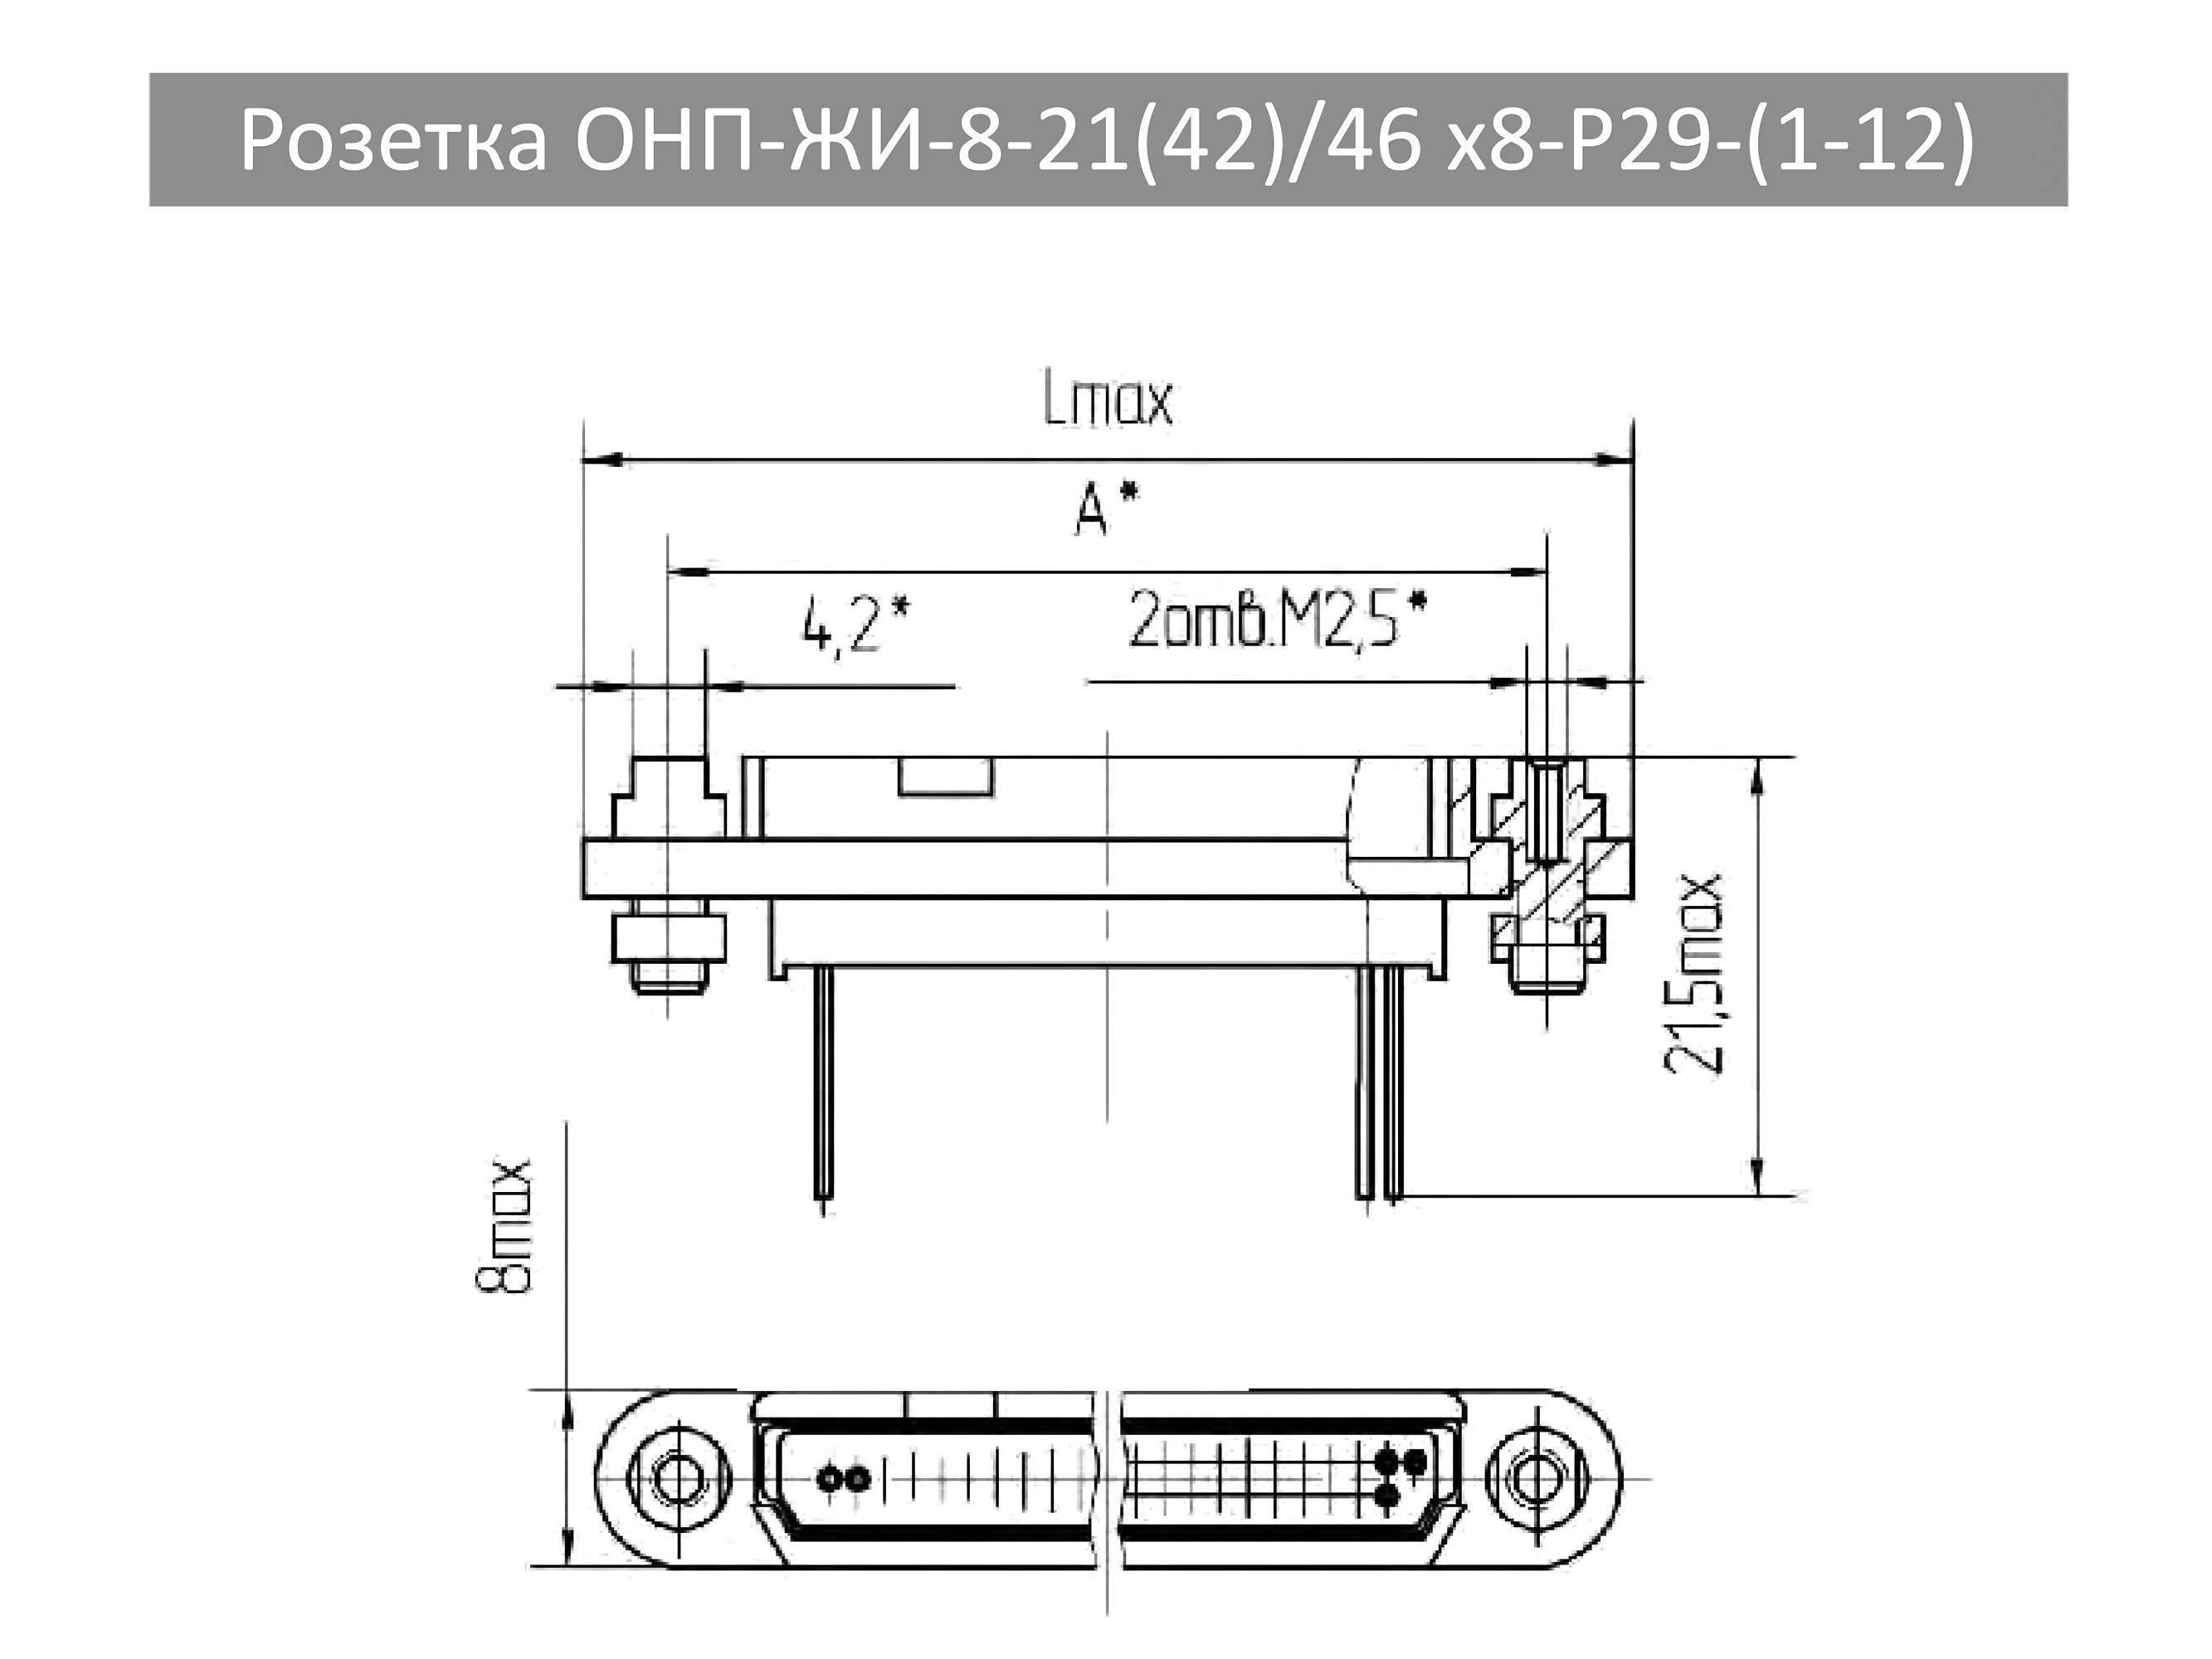 рд-10-138-97 pdf